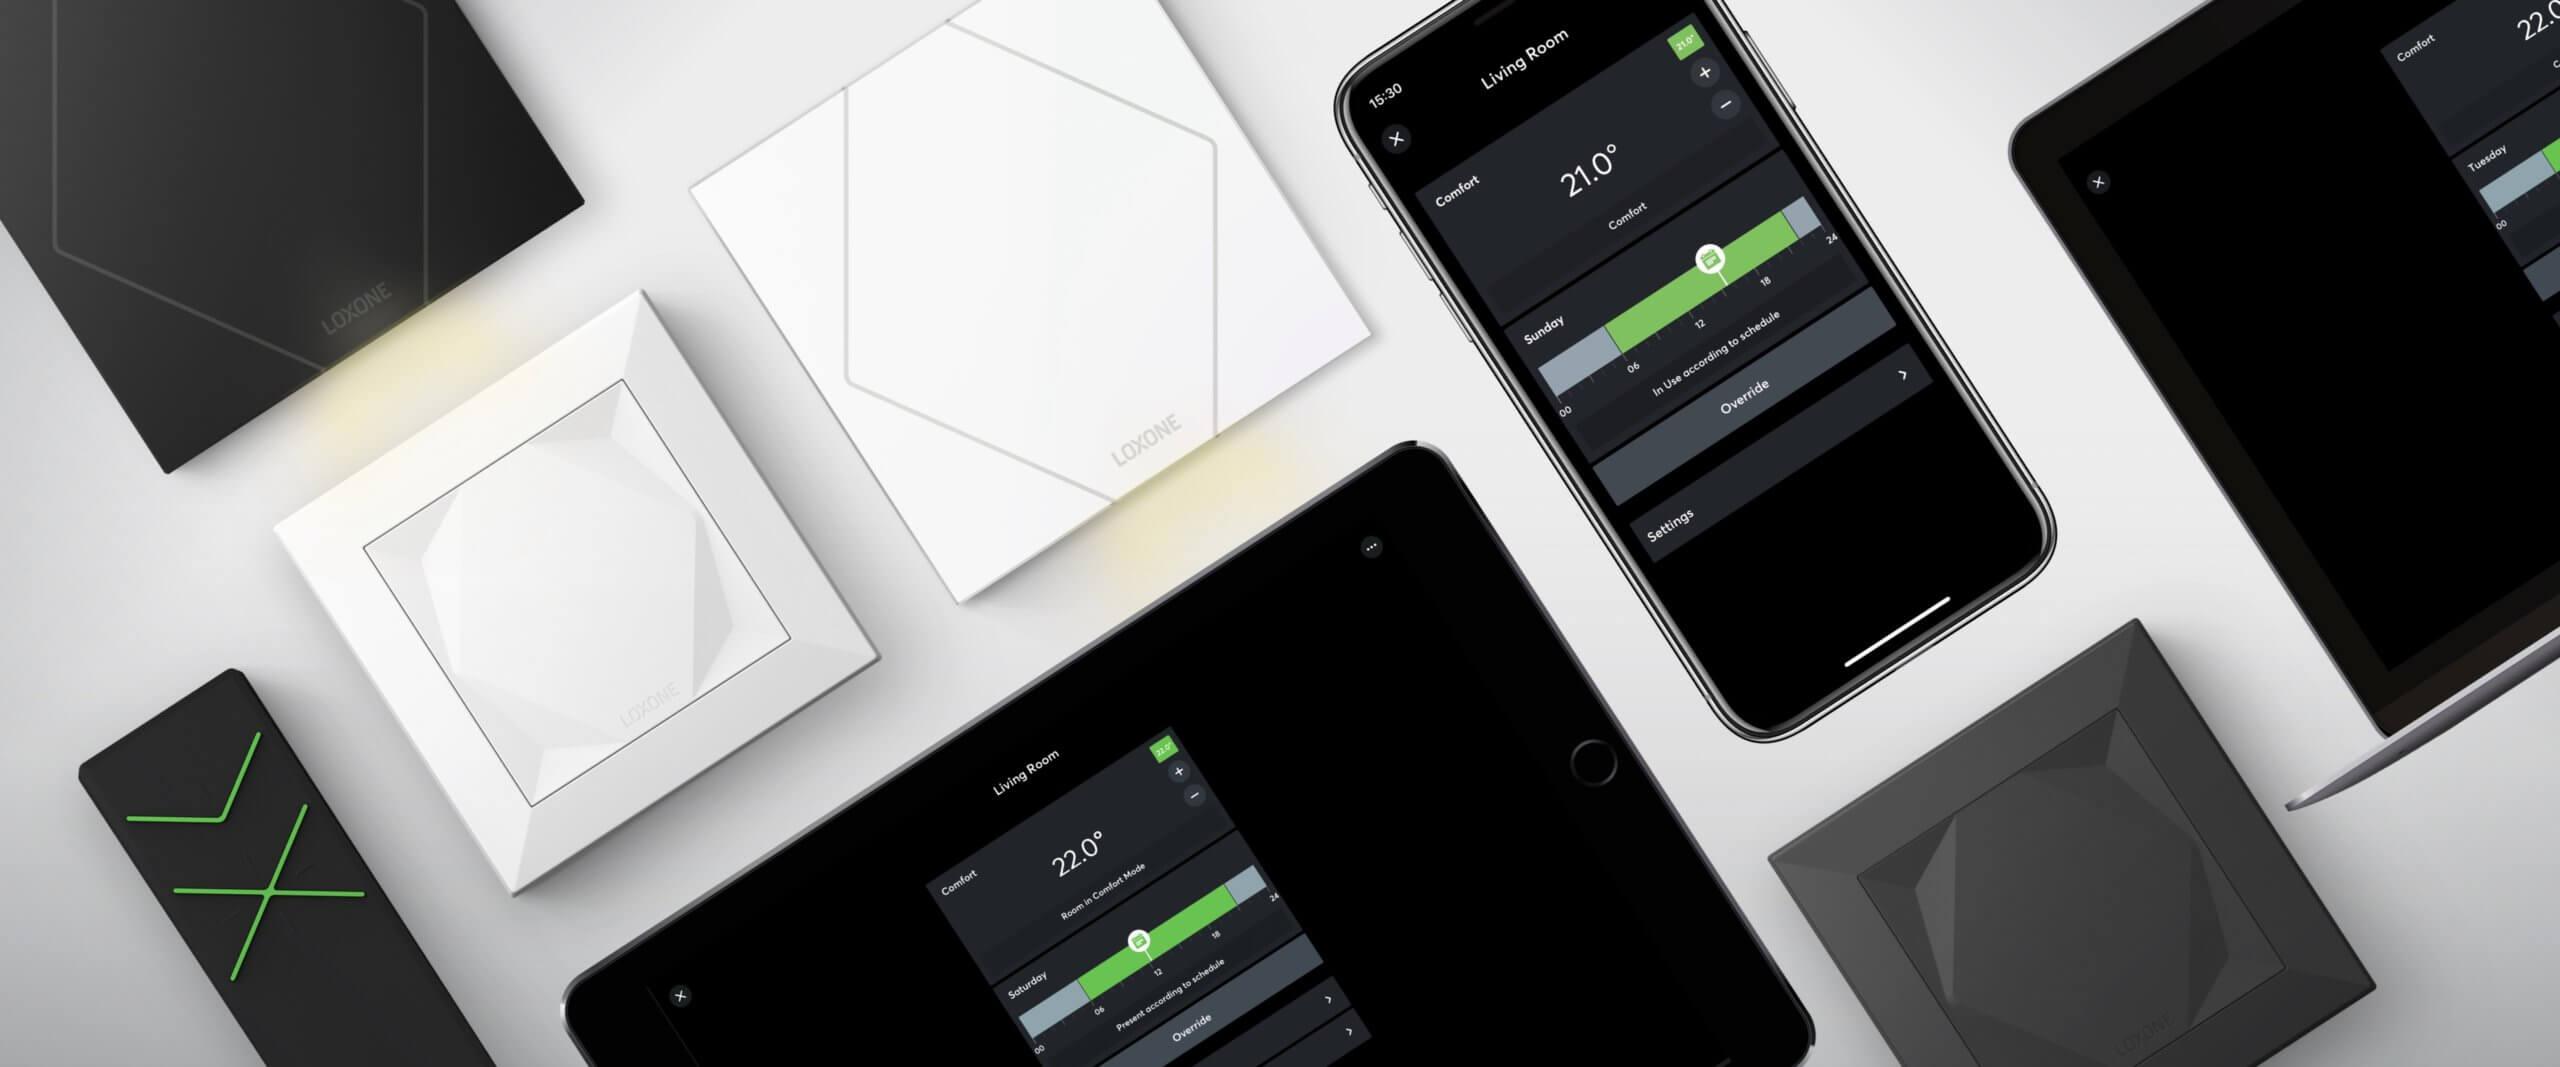 Loxone Produkte und Mockups der Loxone App